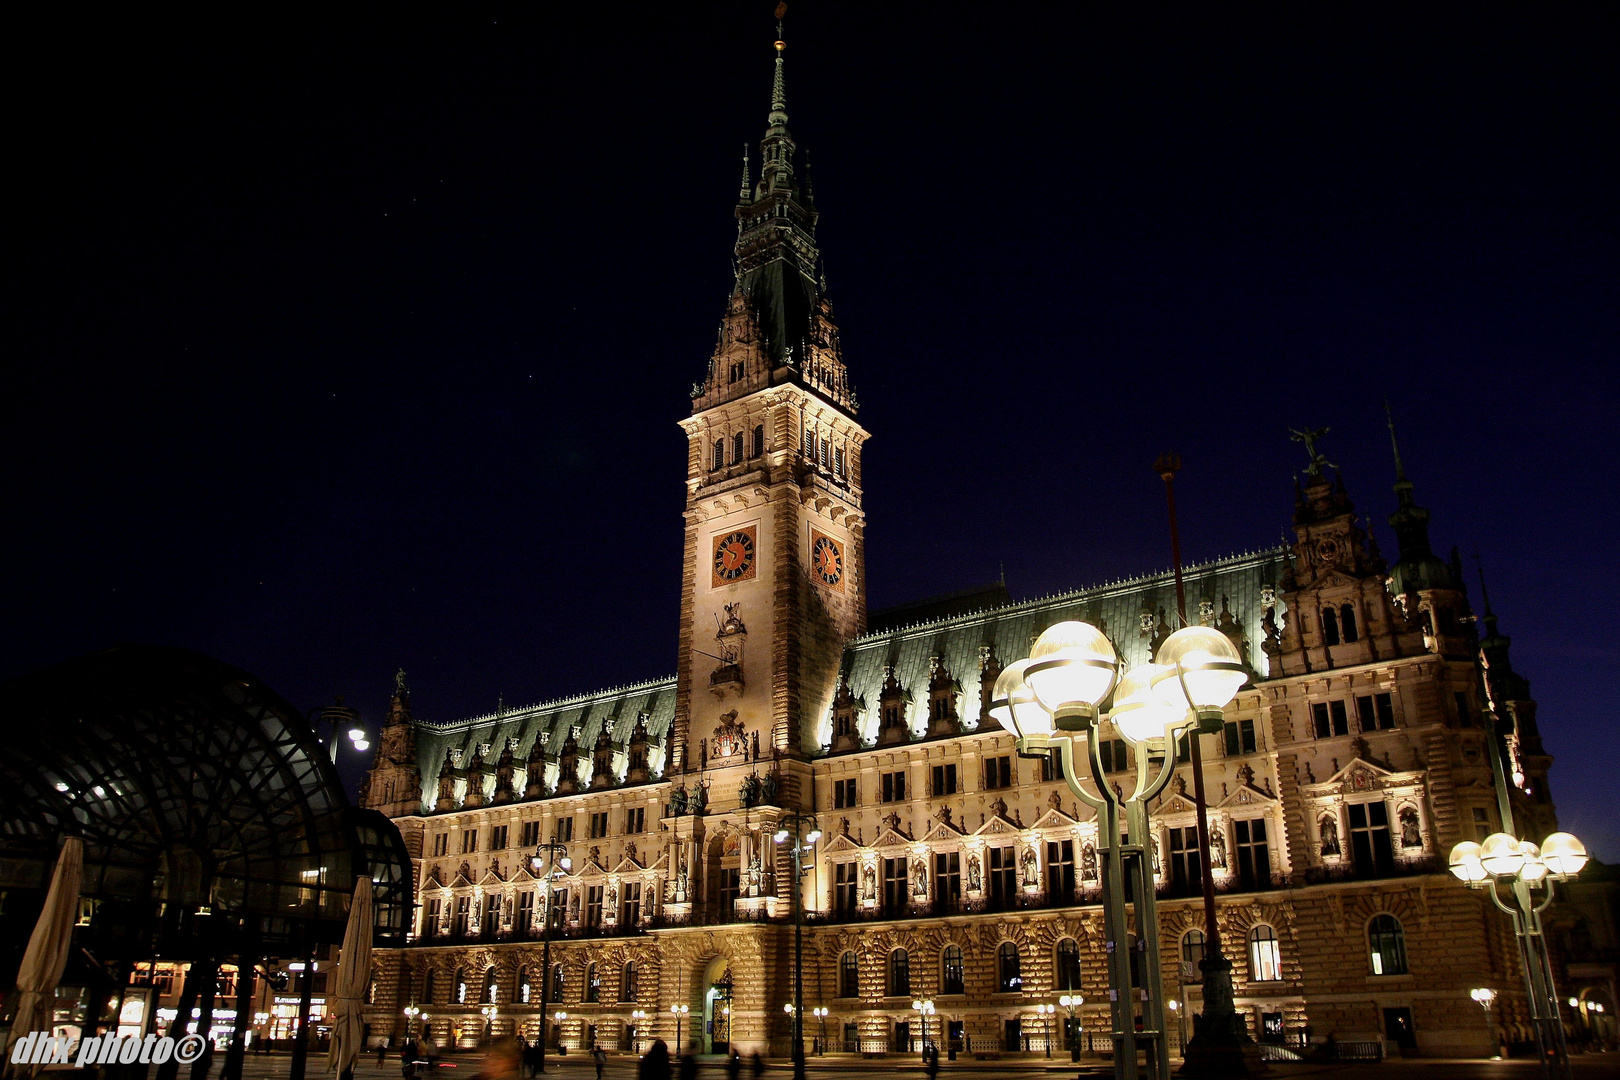 Hamburg Rathaus im März - Hamburg City Hall